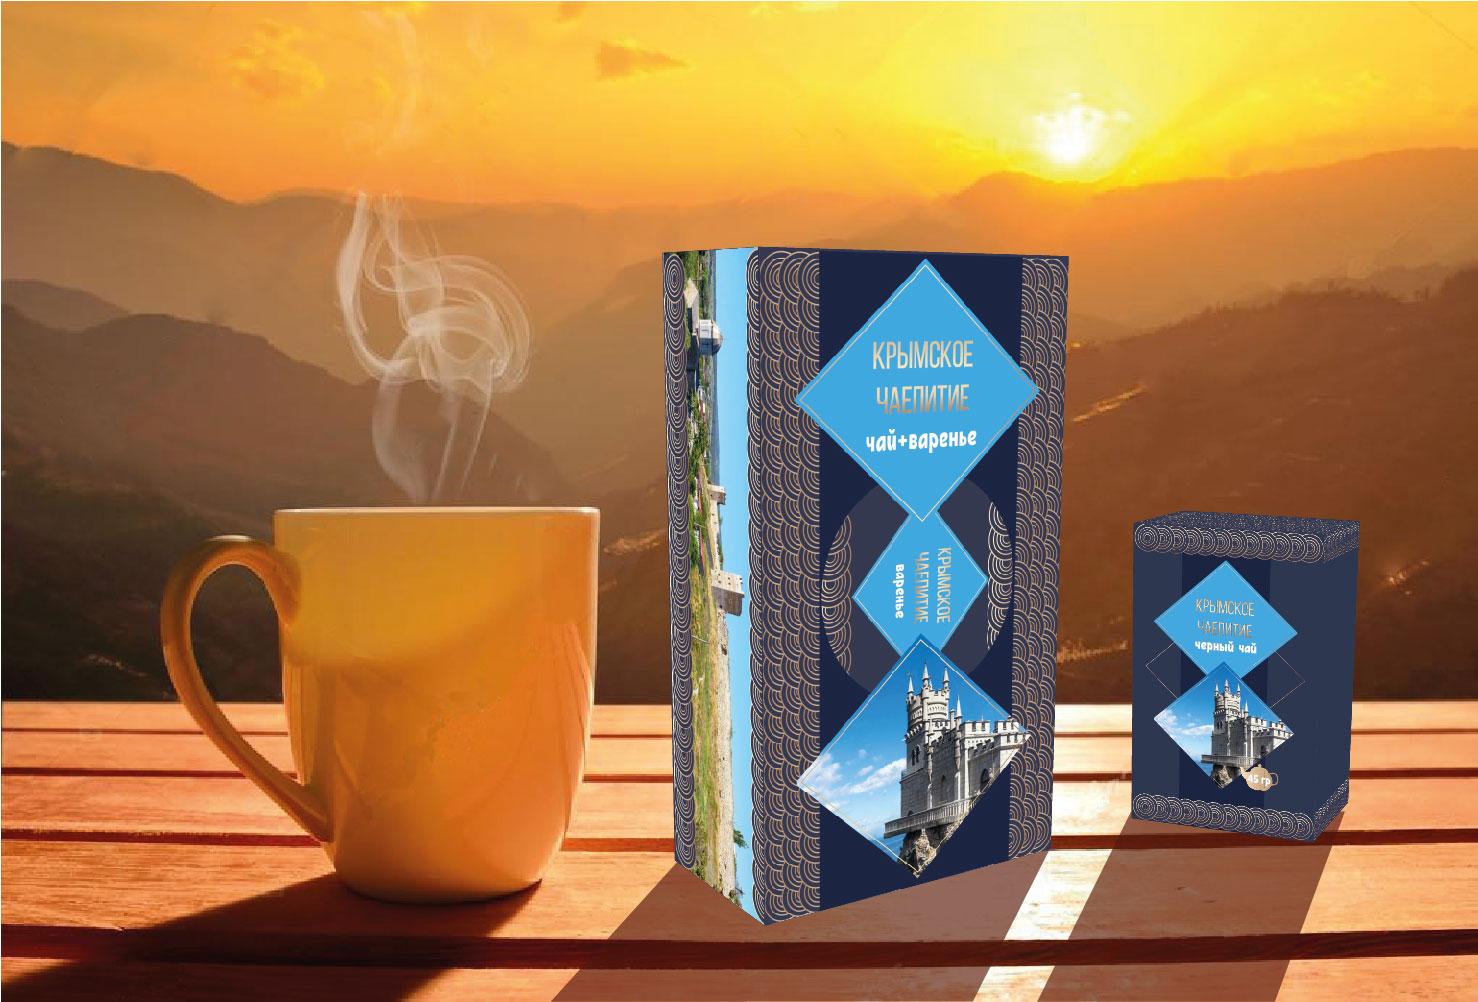 Дизайн подарочной-сувенирной коробки: с чаем и варением фото f_1995a5506940b023.jpg